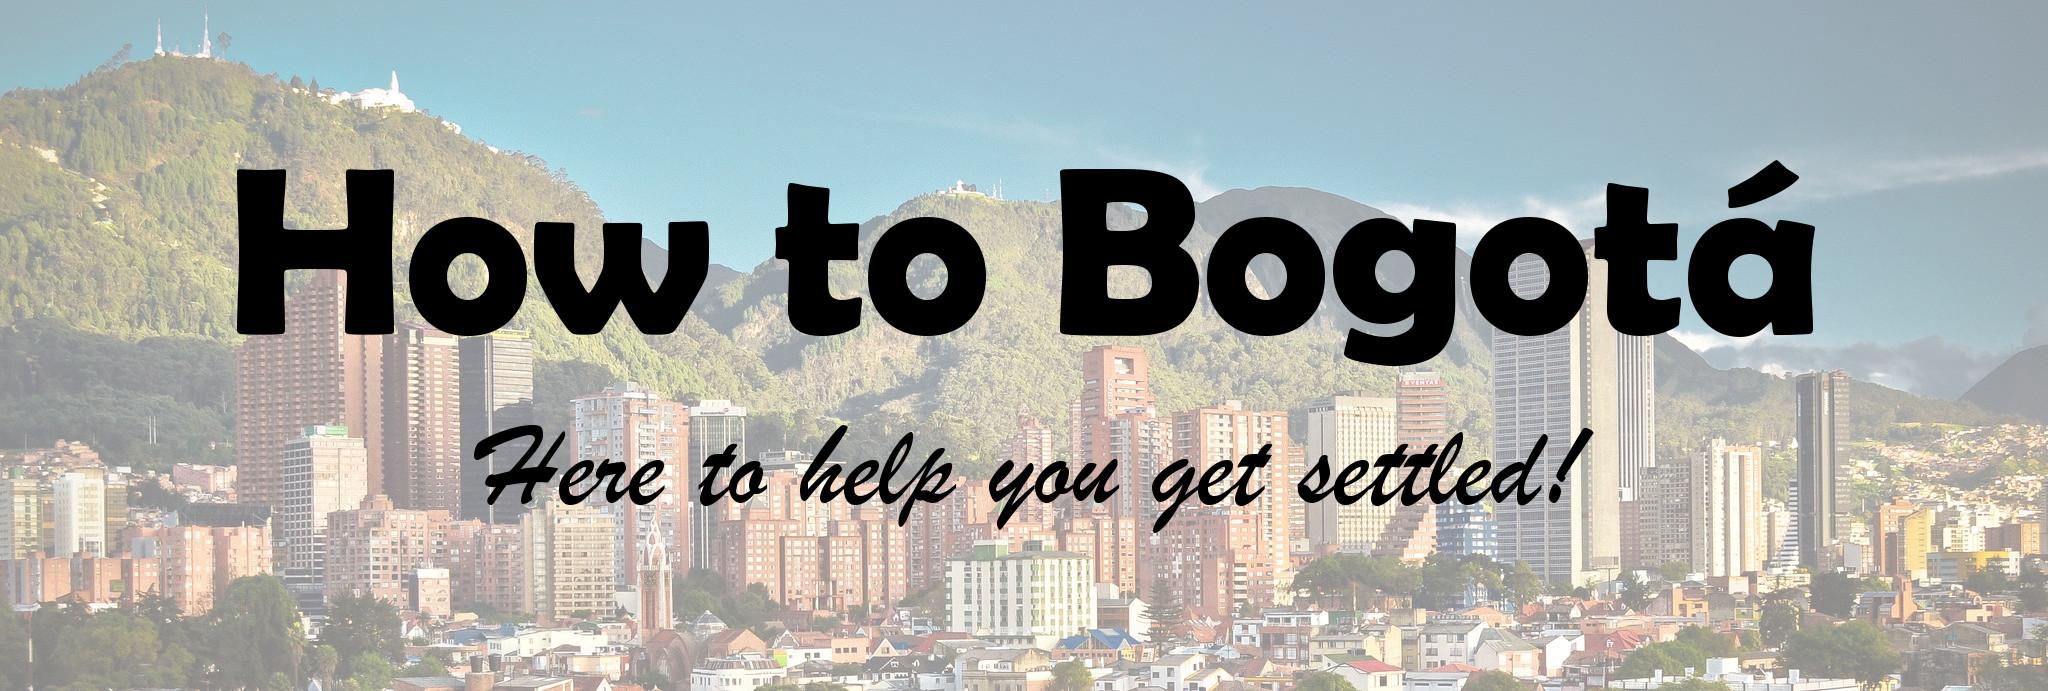 How to Bogotá